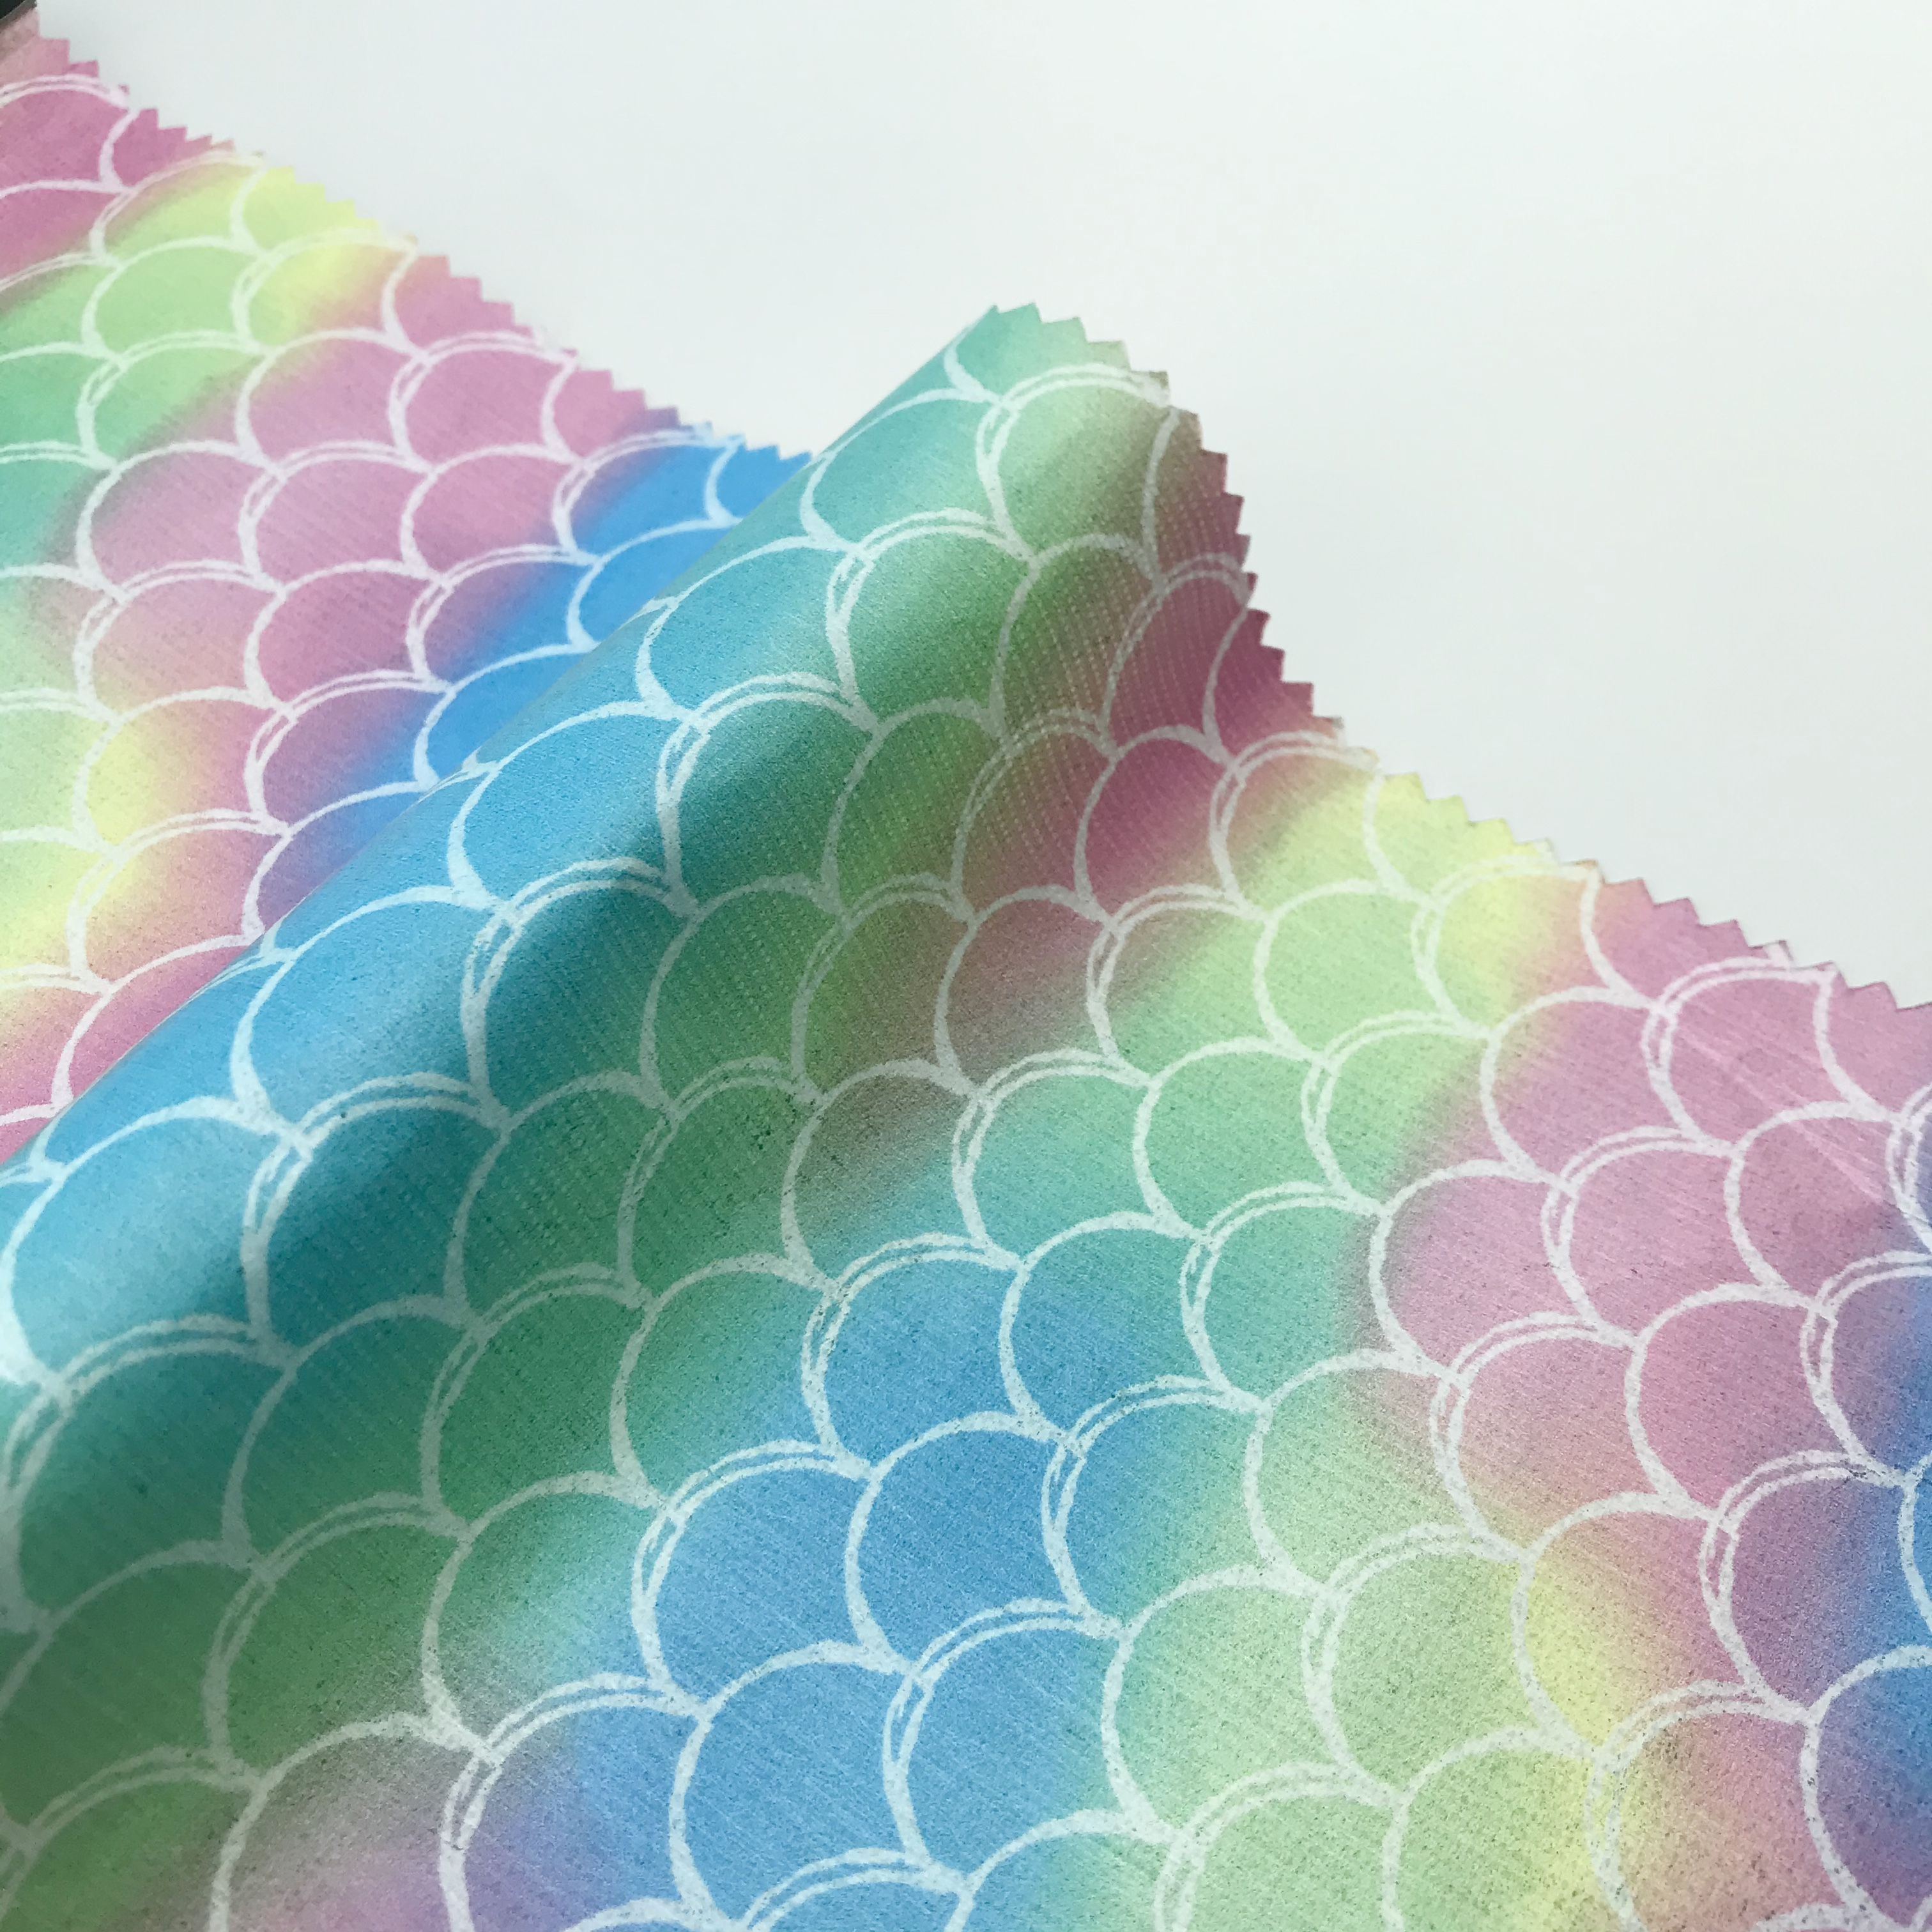 Balık terazi baskı çevre dostu solunum kağıt kumaş kağıt suya dayanıklı yağmurluk, konfeksiyon, dekorasyon, DIY T20061912